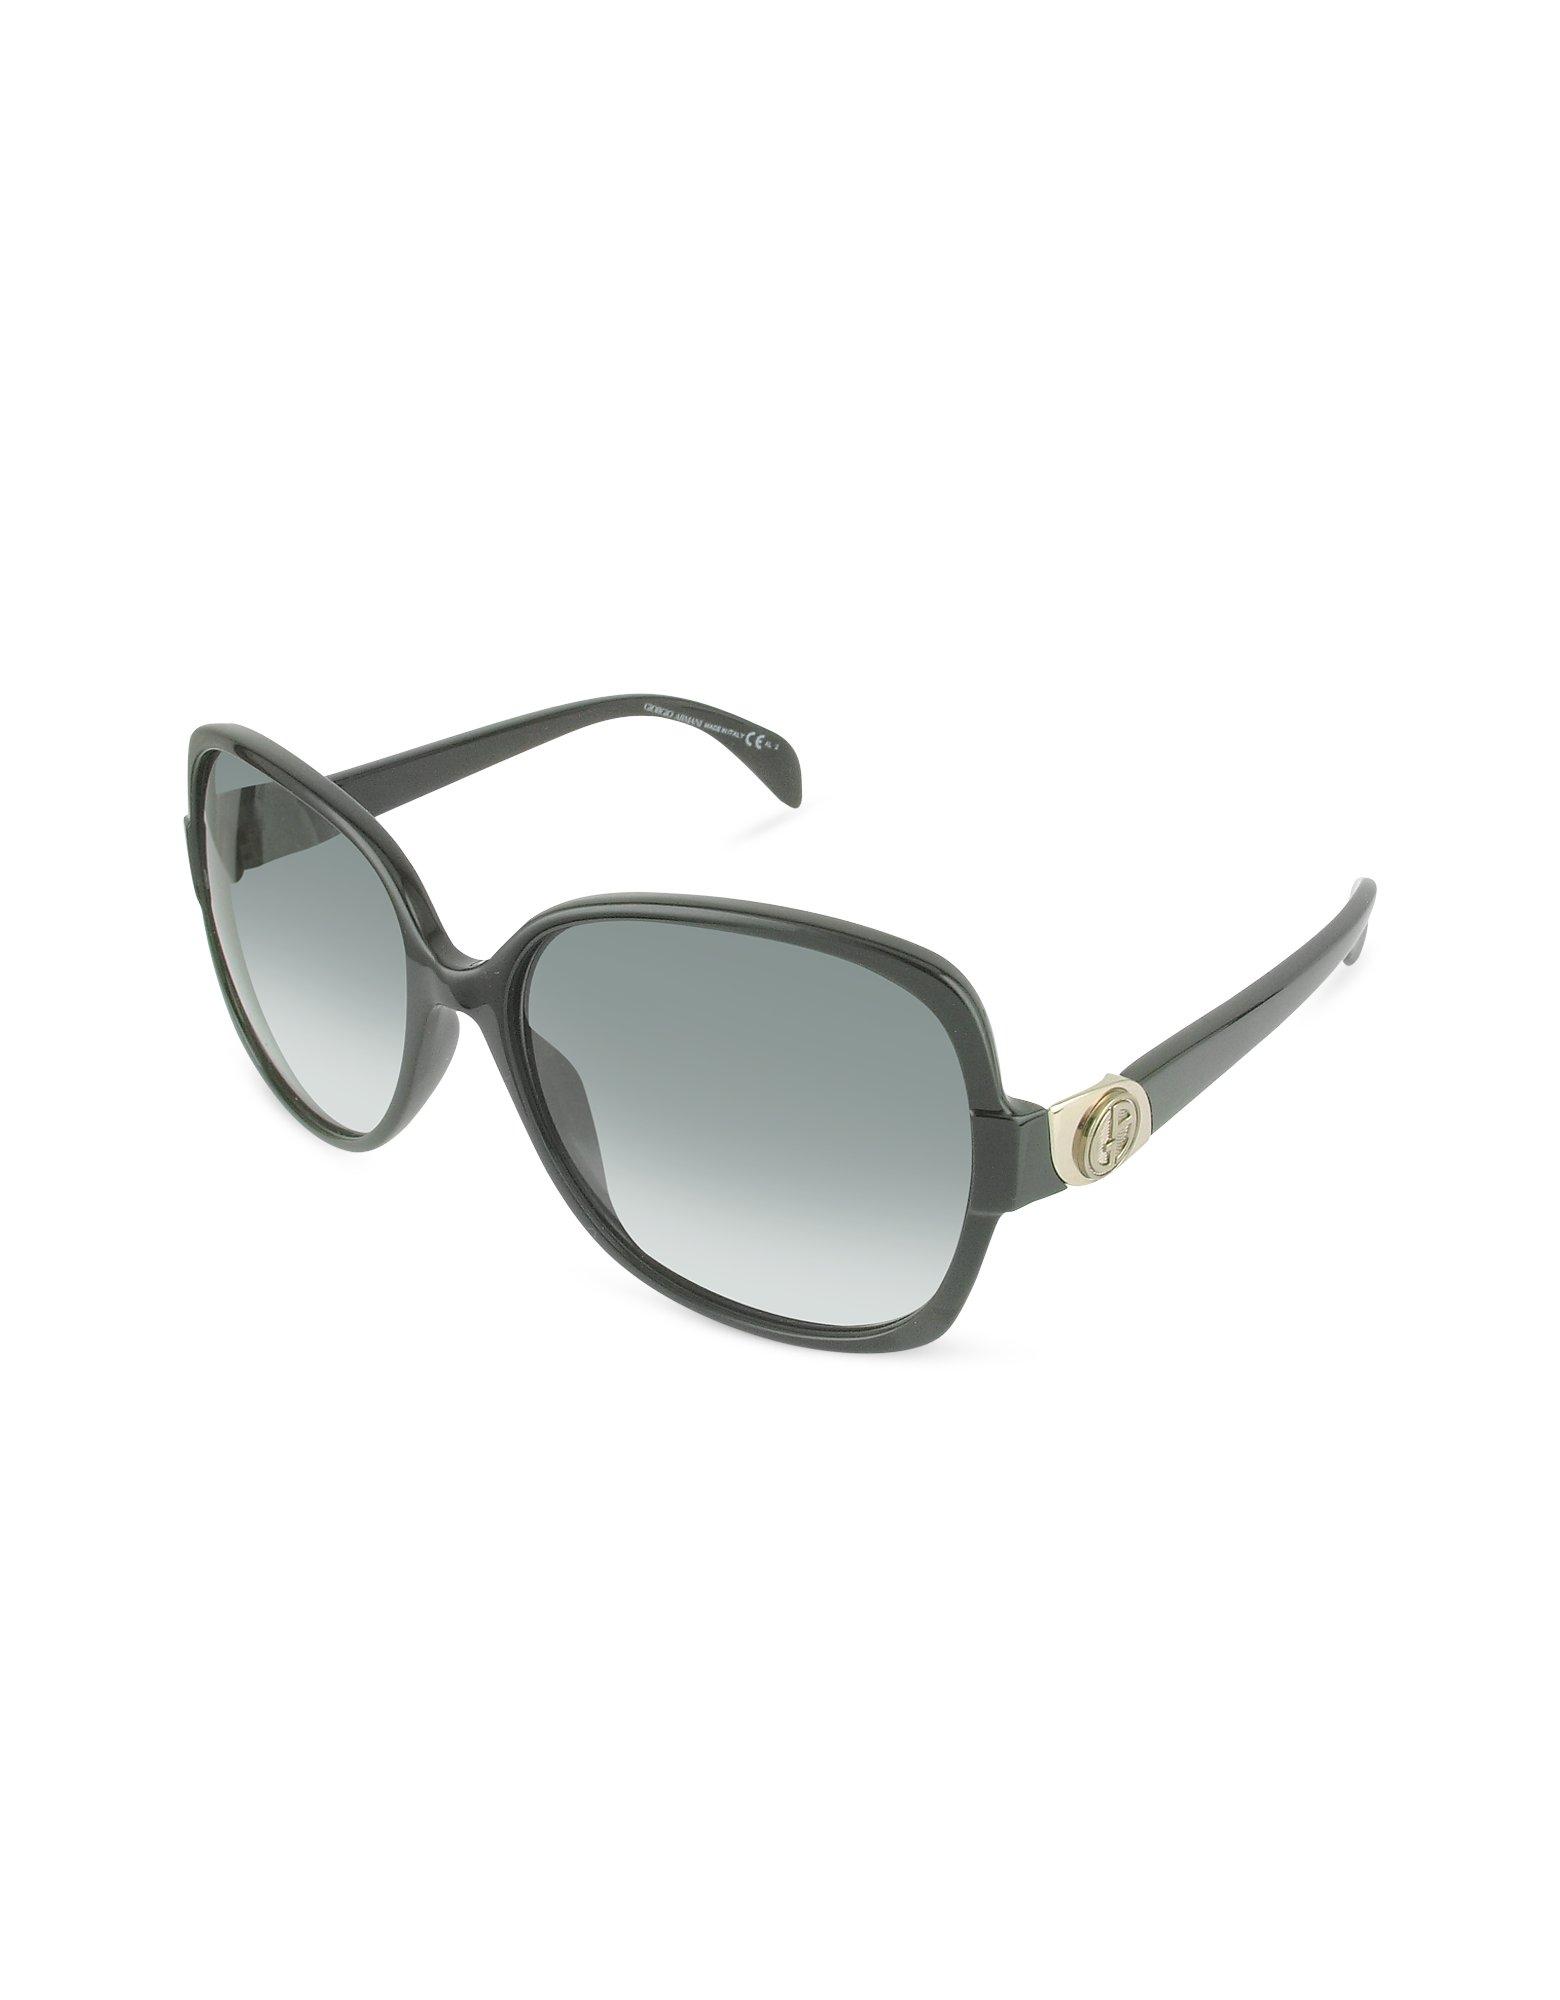 245c05836a0 Lyst - Giorgio Armani Logo Round Sunglasses in Green